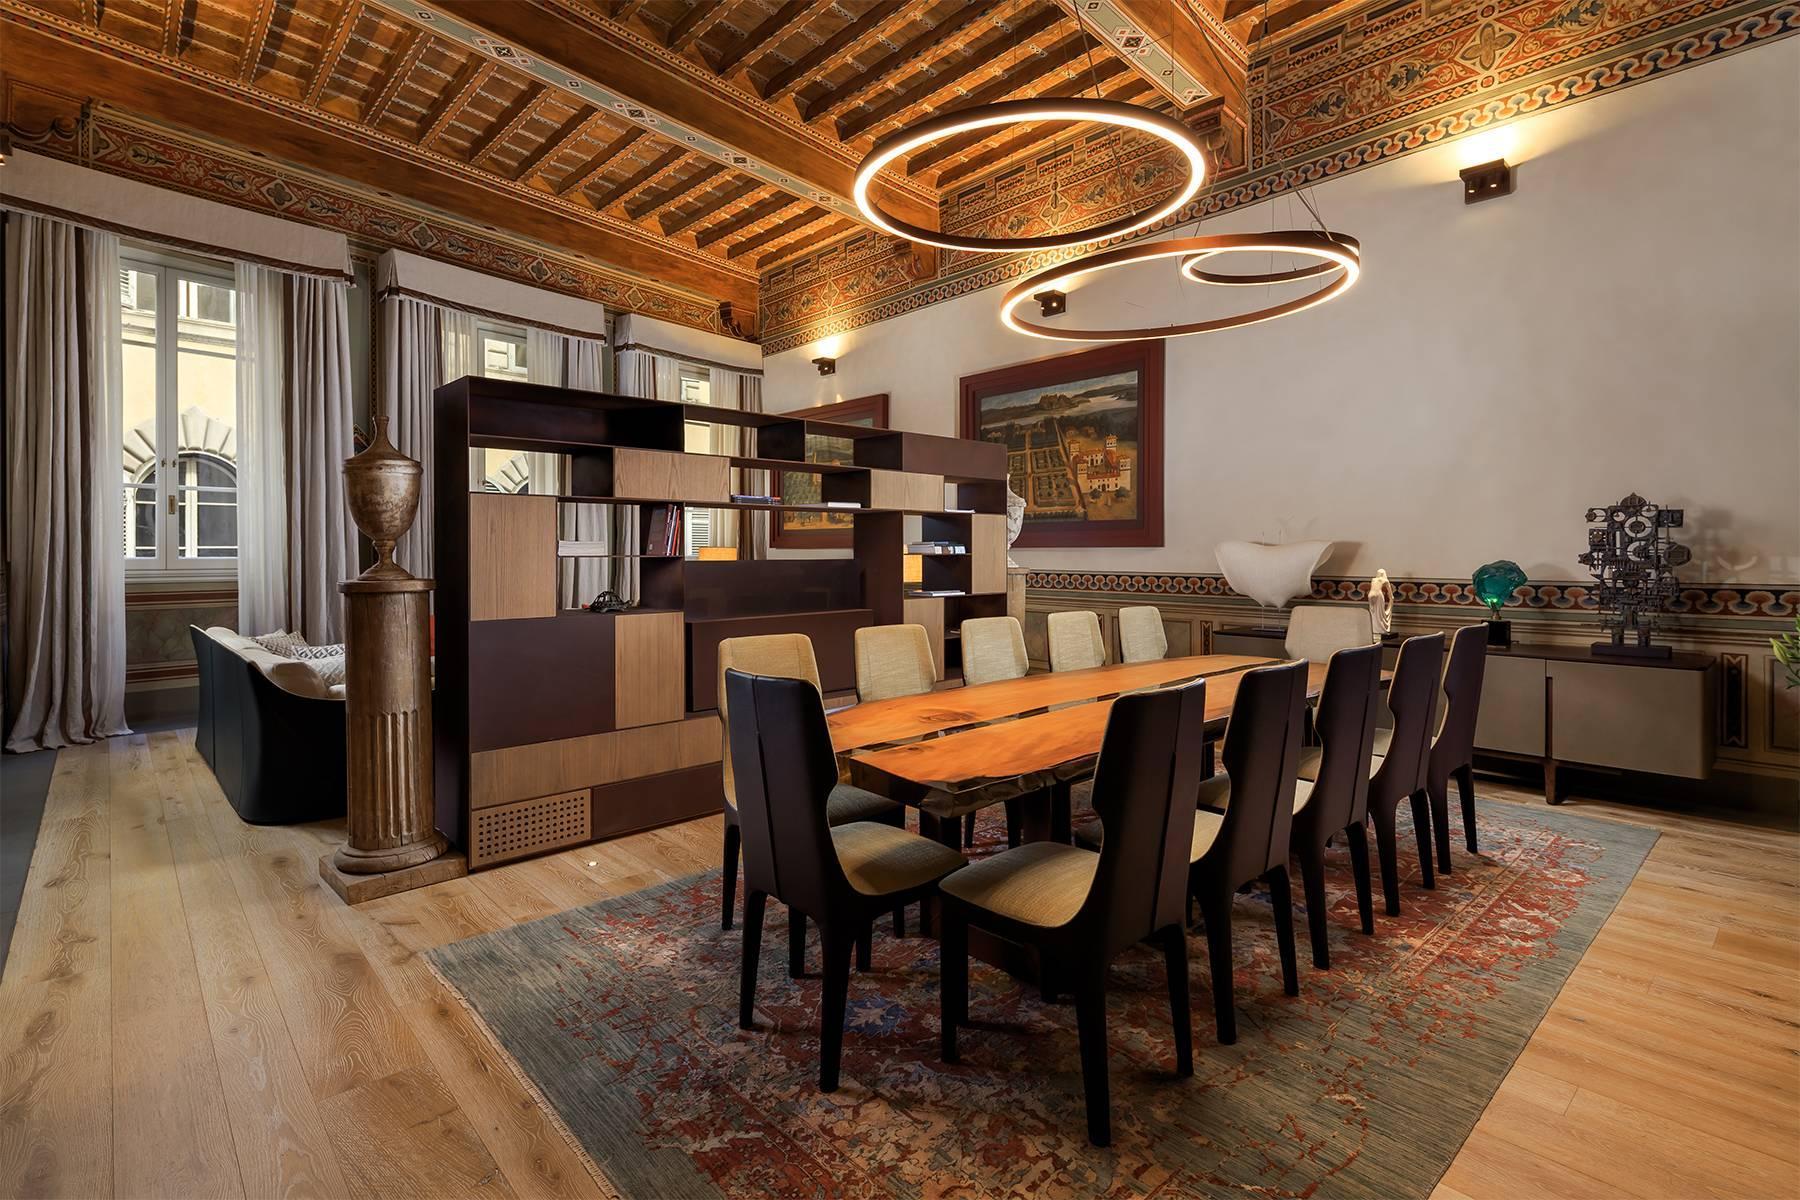 Appartement moderne et contemporain dans Palazzo historique. - 7